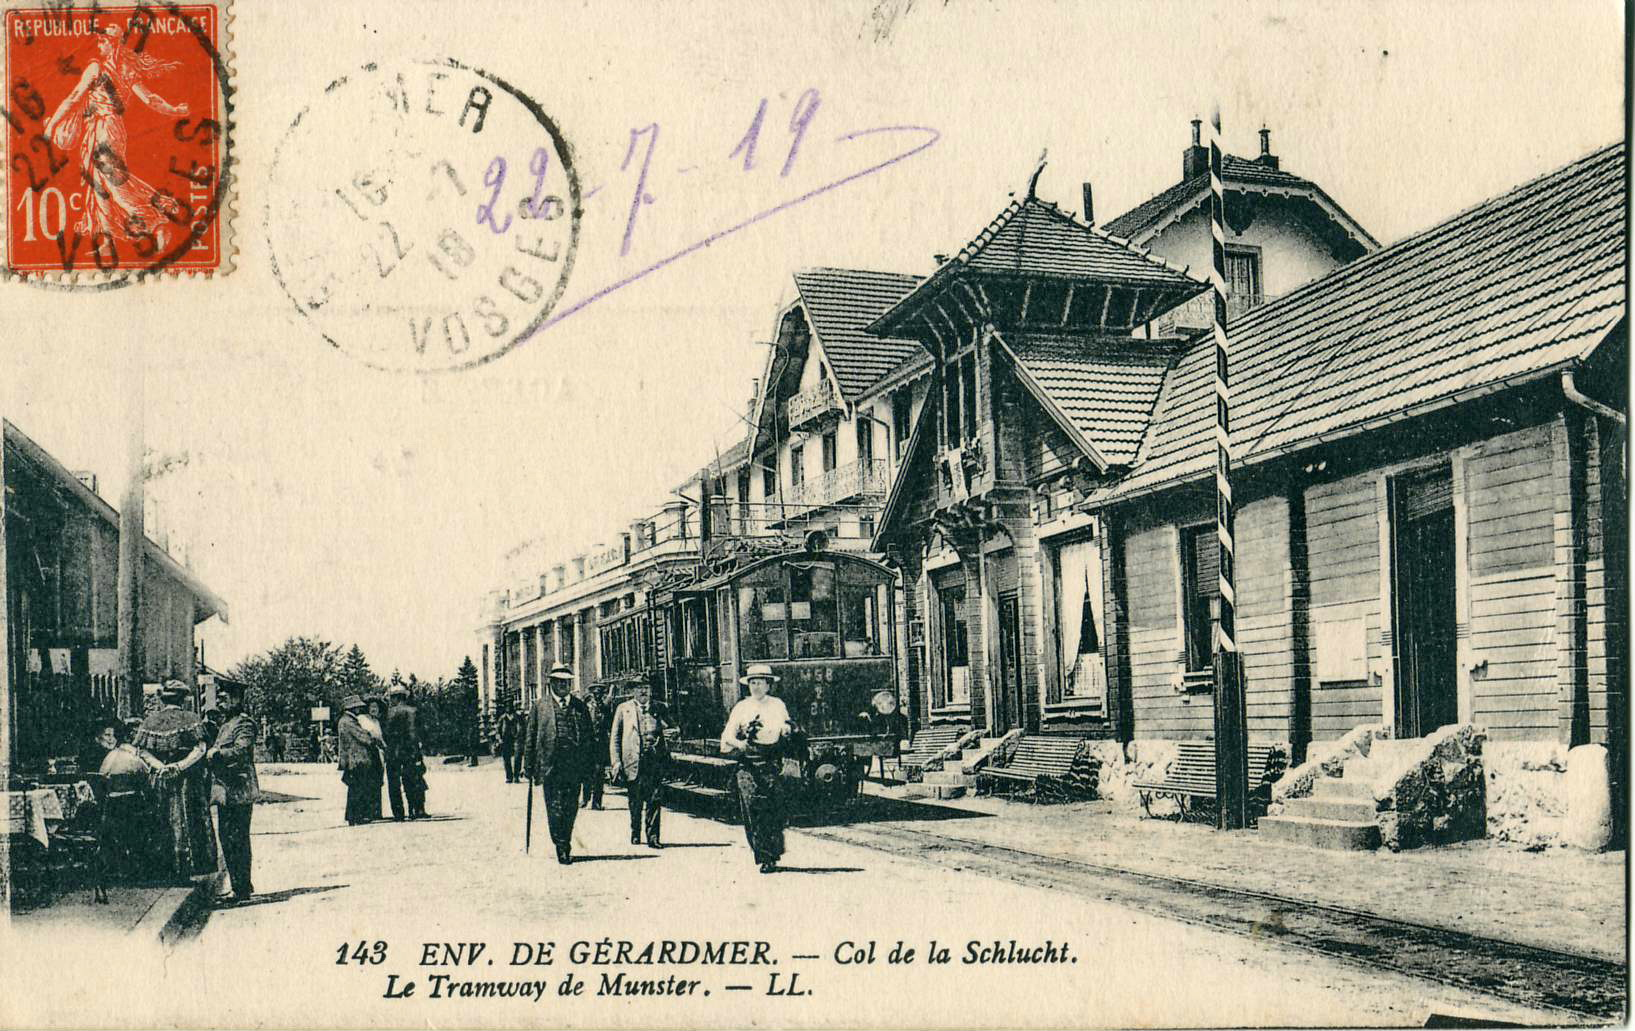 Carte postale du début du XXe siècle montrant la gare d'arrivée de la Schlucht